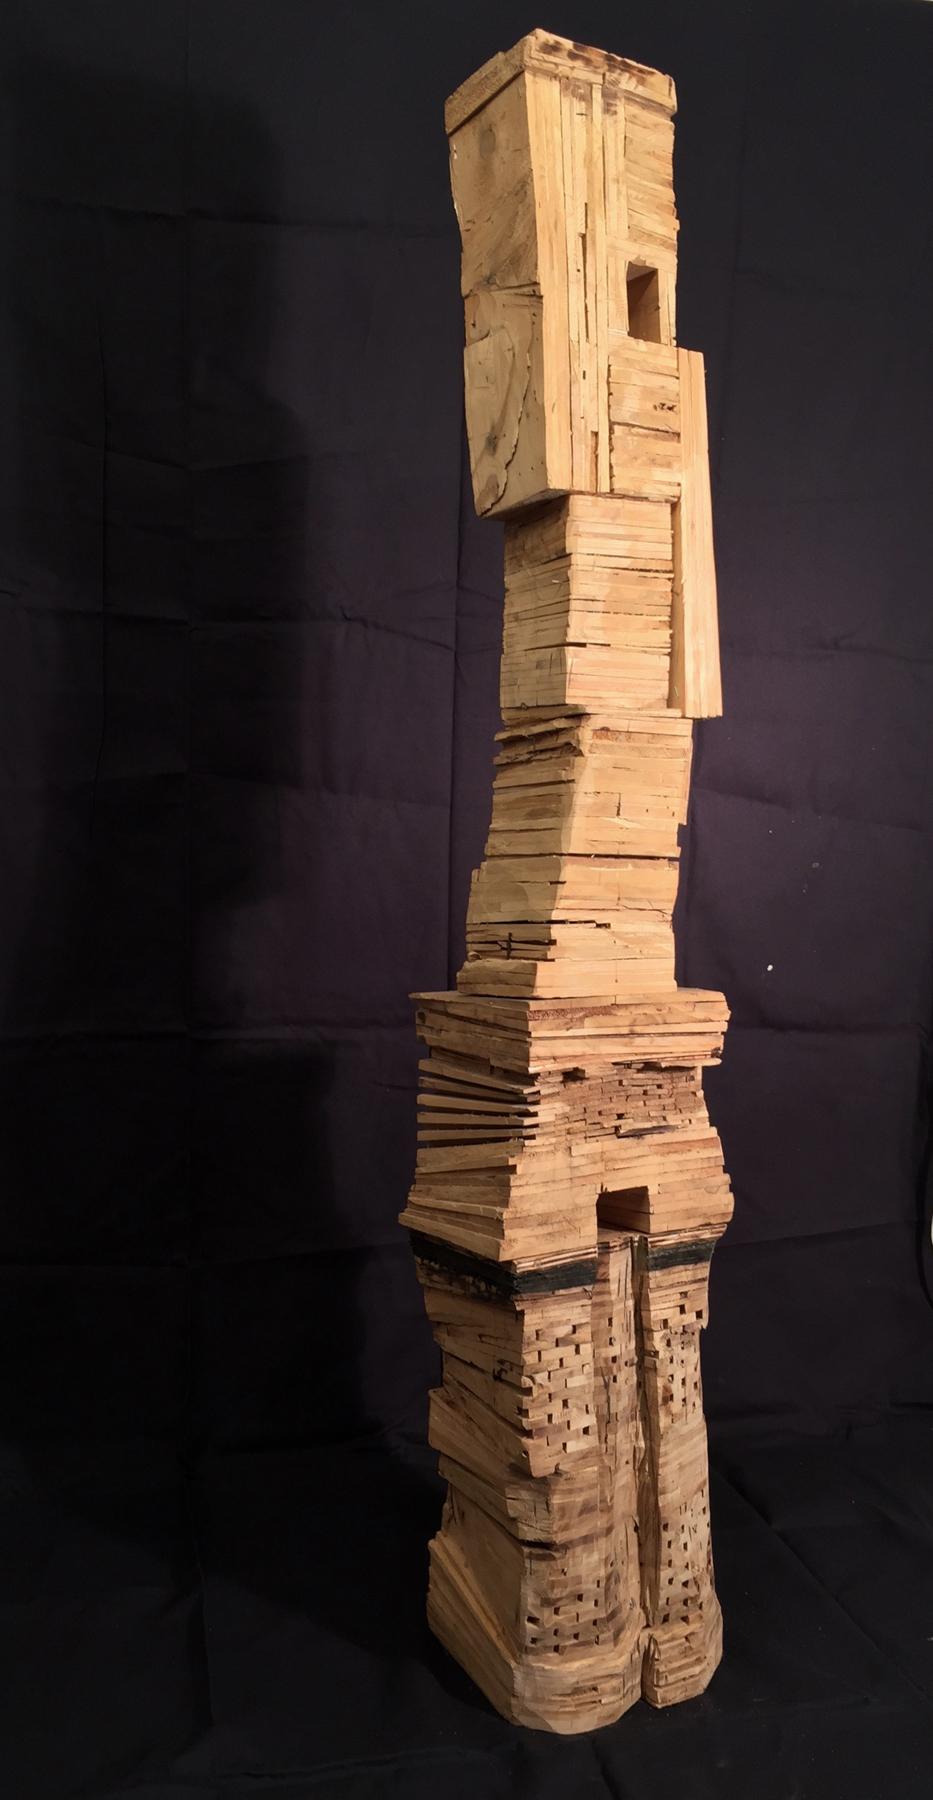 Leslie Zelamsky,  Time's Up , Wood, asphalt, 18x18x72